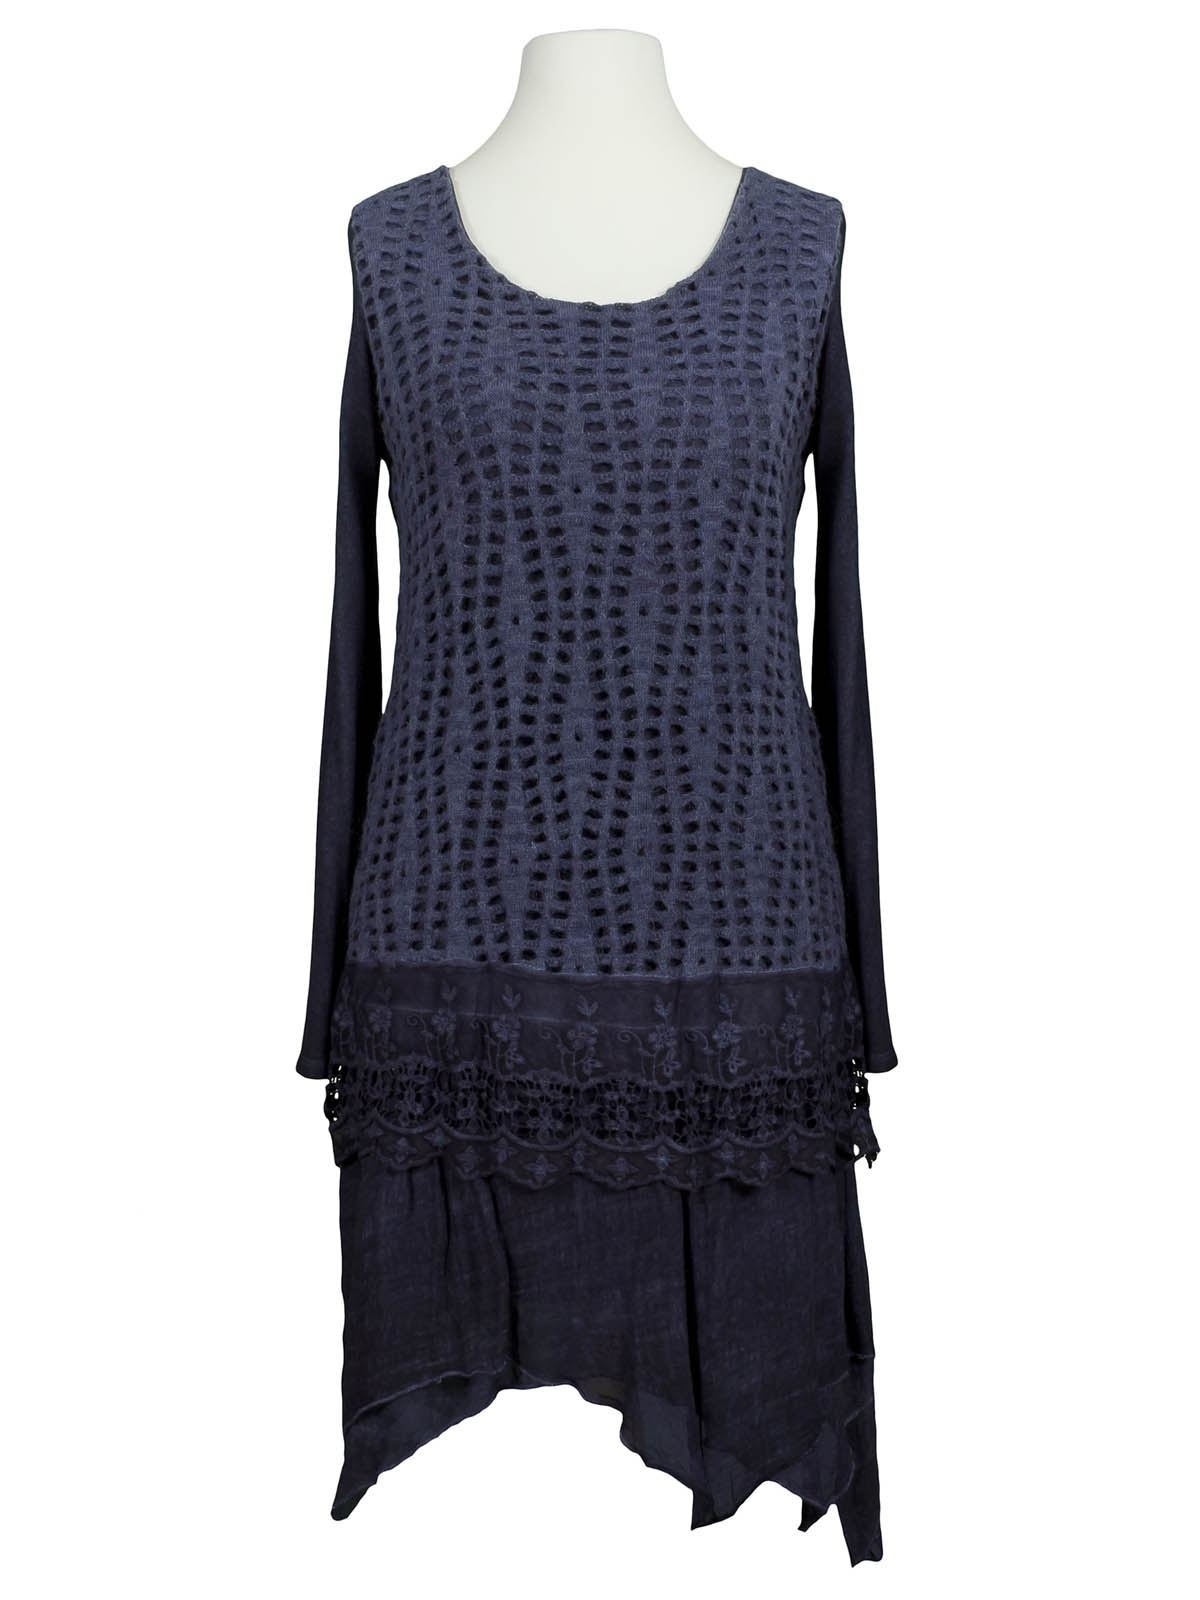 Abend Einzigartig Kleid Blau Mit Spitze Spezialgebiet20 Coolste Kleid Blau Mit Spitze Bester Preis